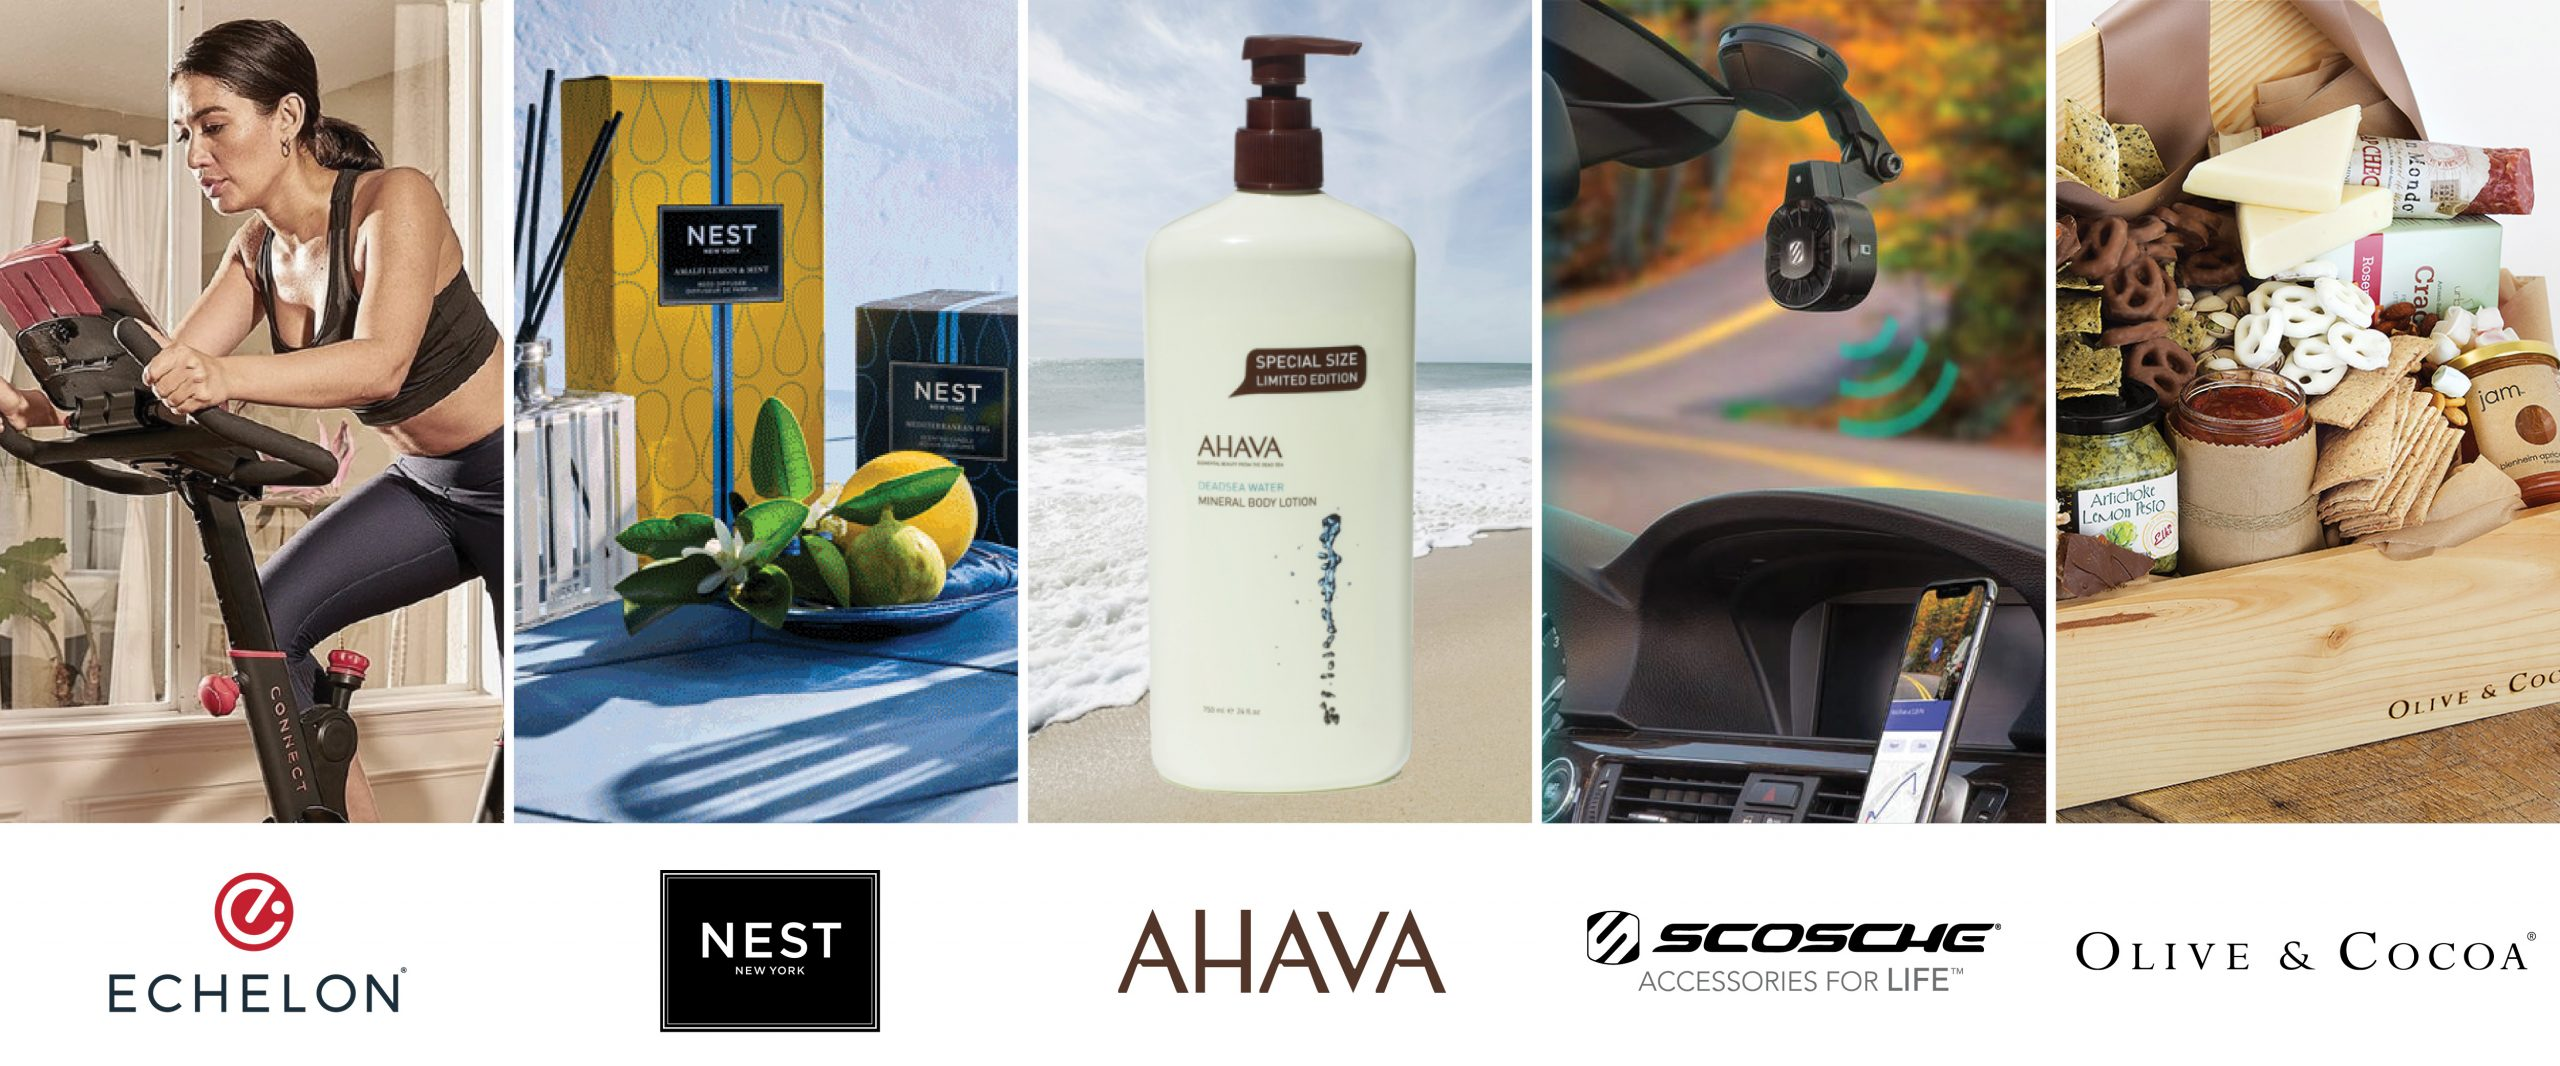 Echelon-Nest-Ahava-Scoche-Olive & Cocoa